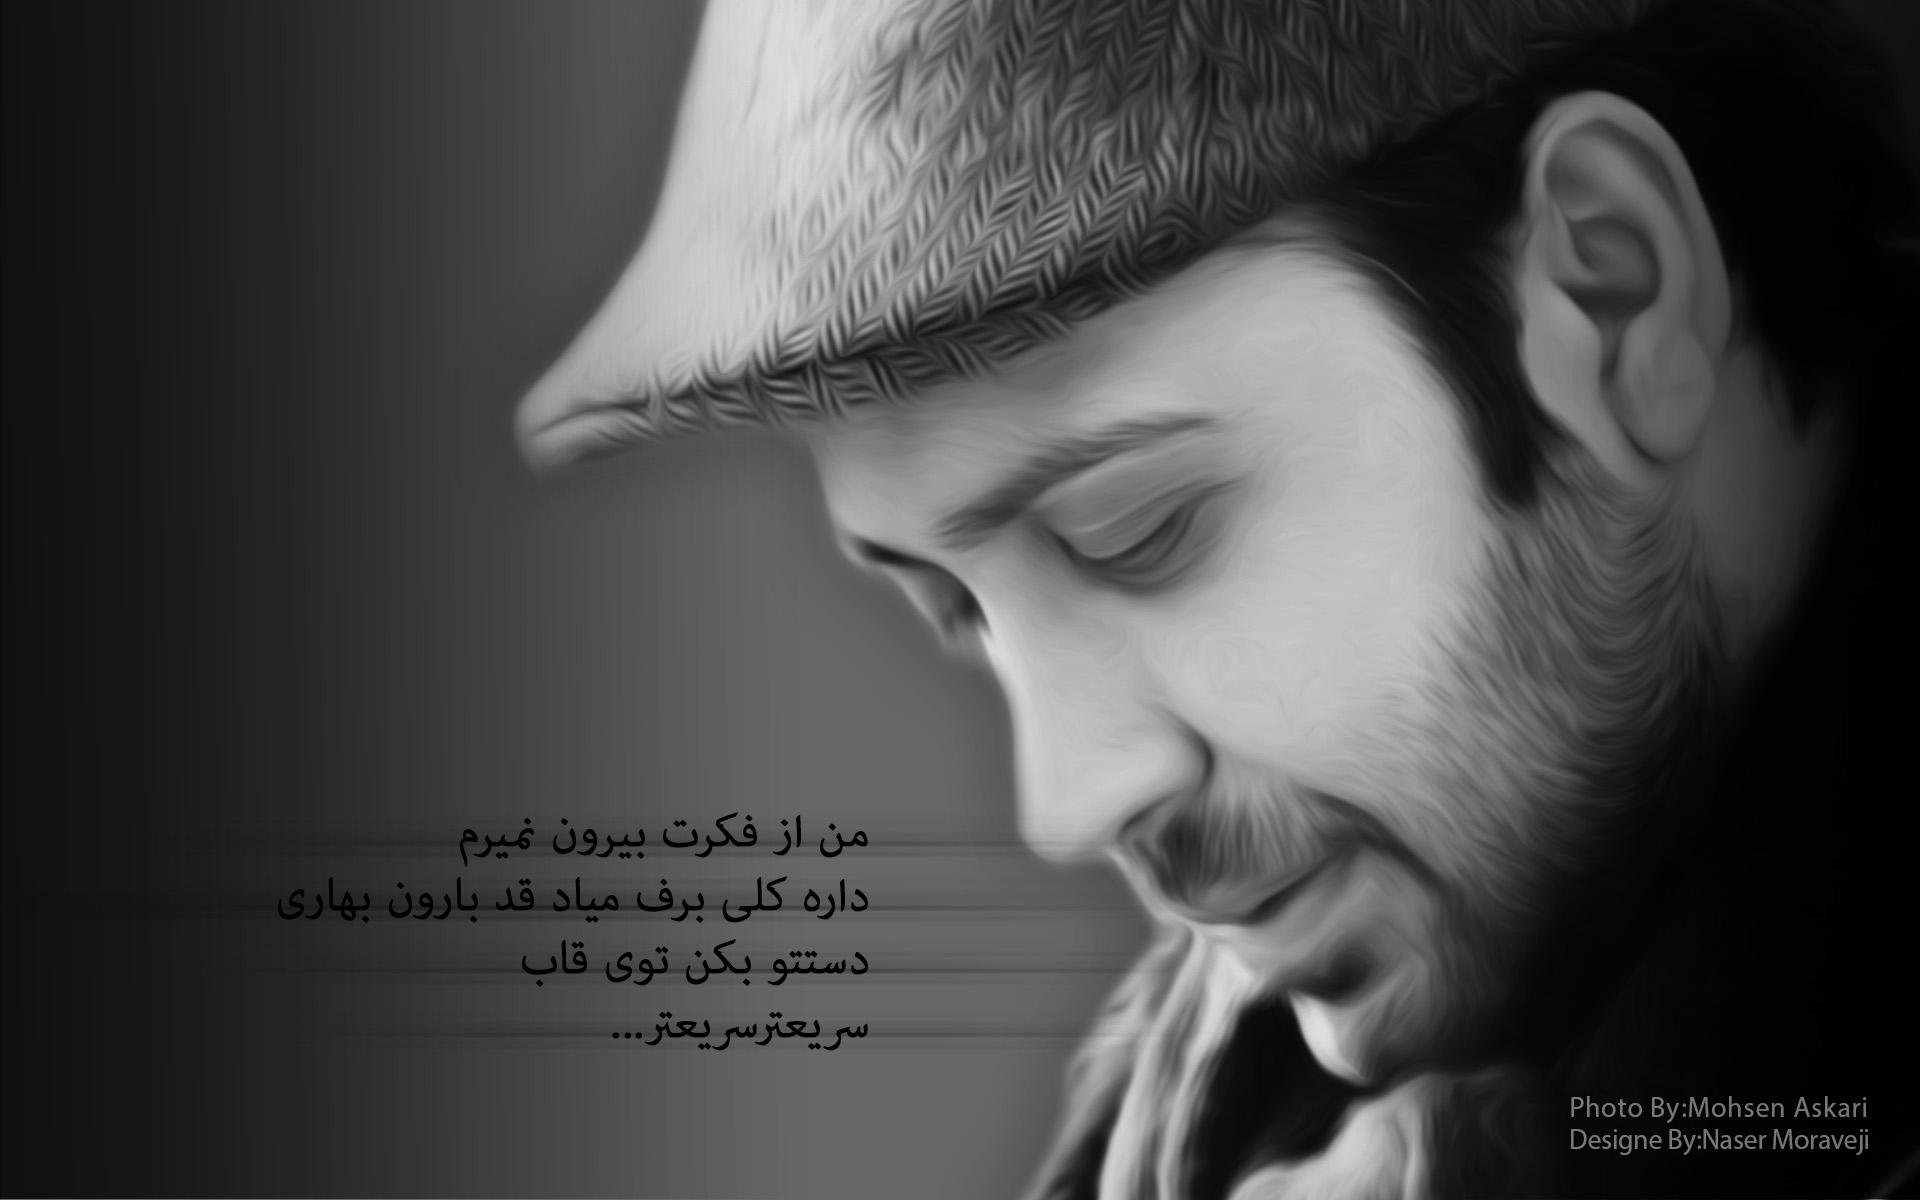 دانلود ریمیکس آهنگ غلط کردم از محسن چاوشی